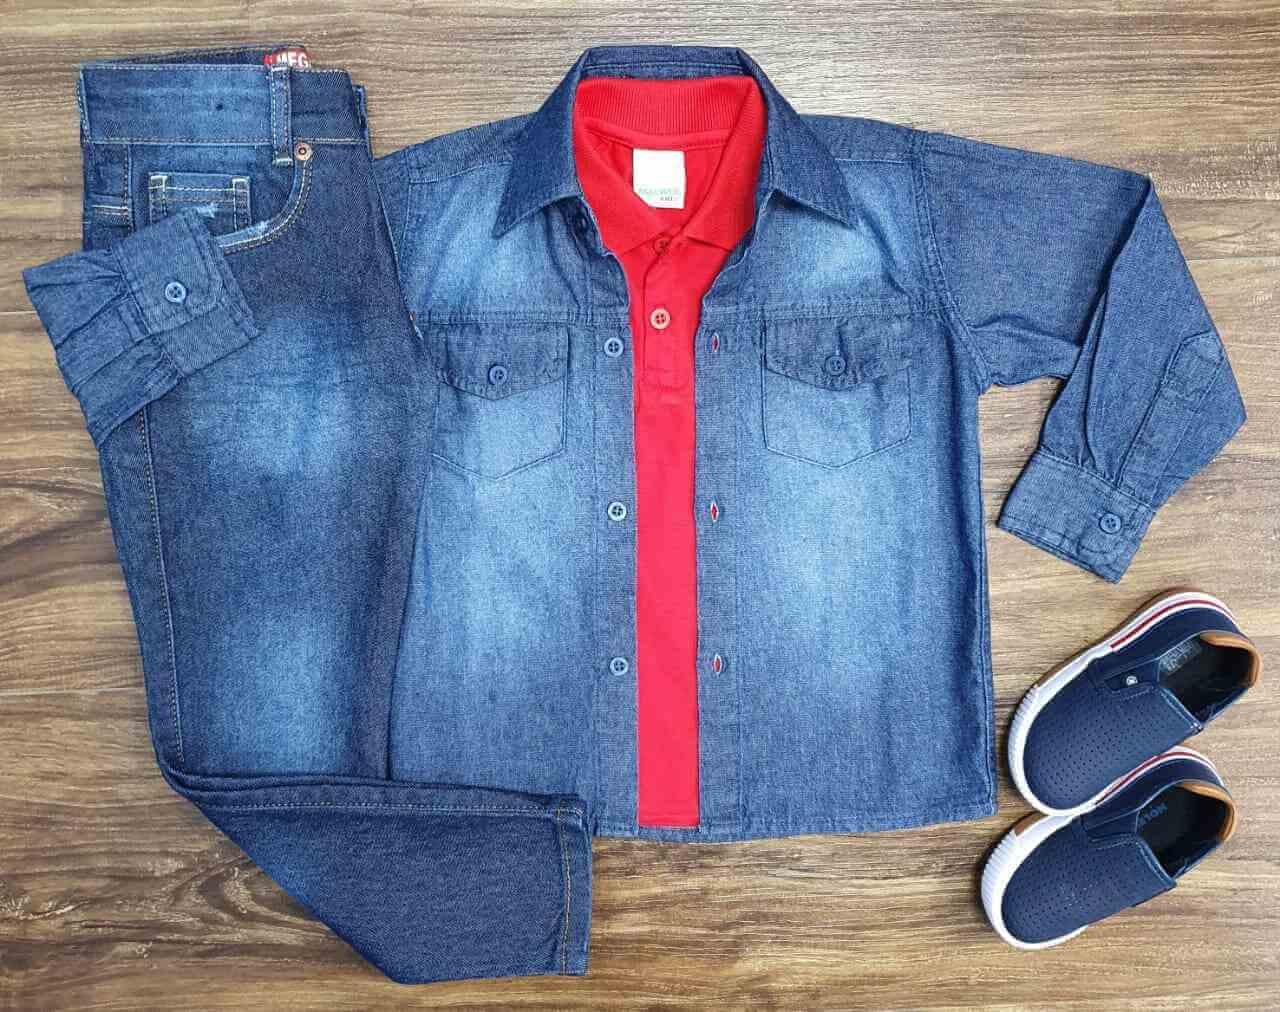 Camisa Jeans com Polo Vermelha e Calça Infantil